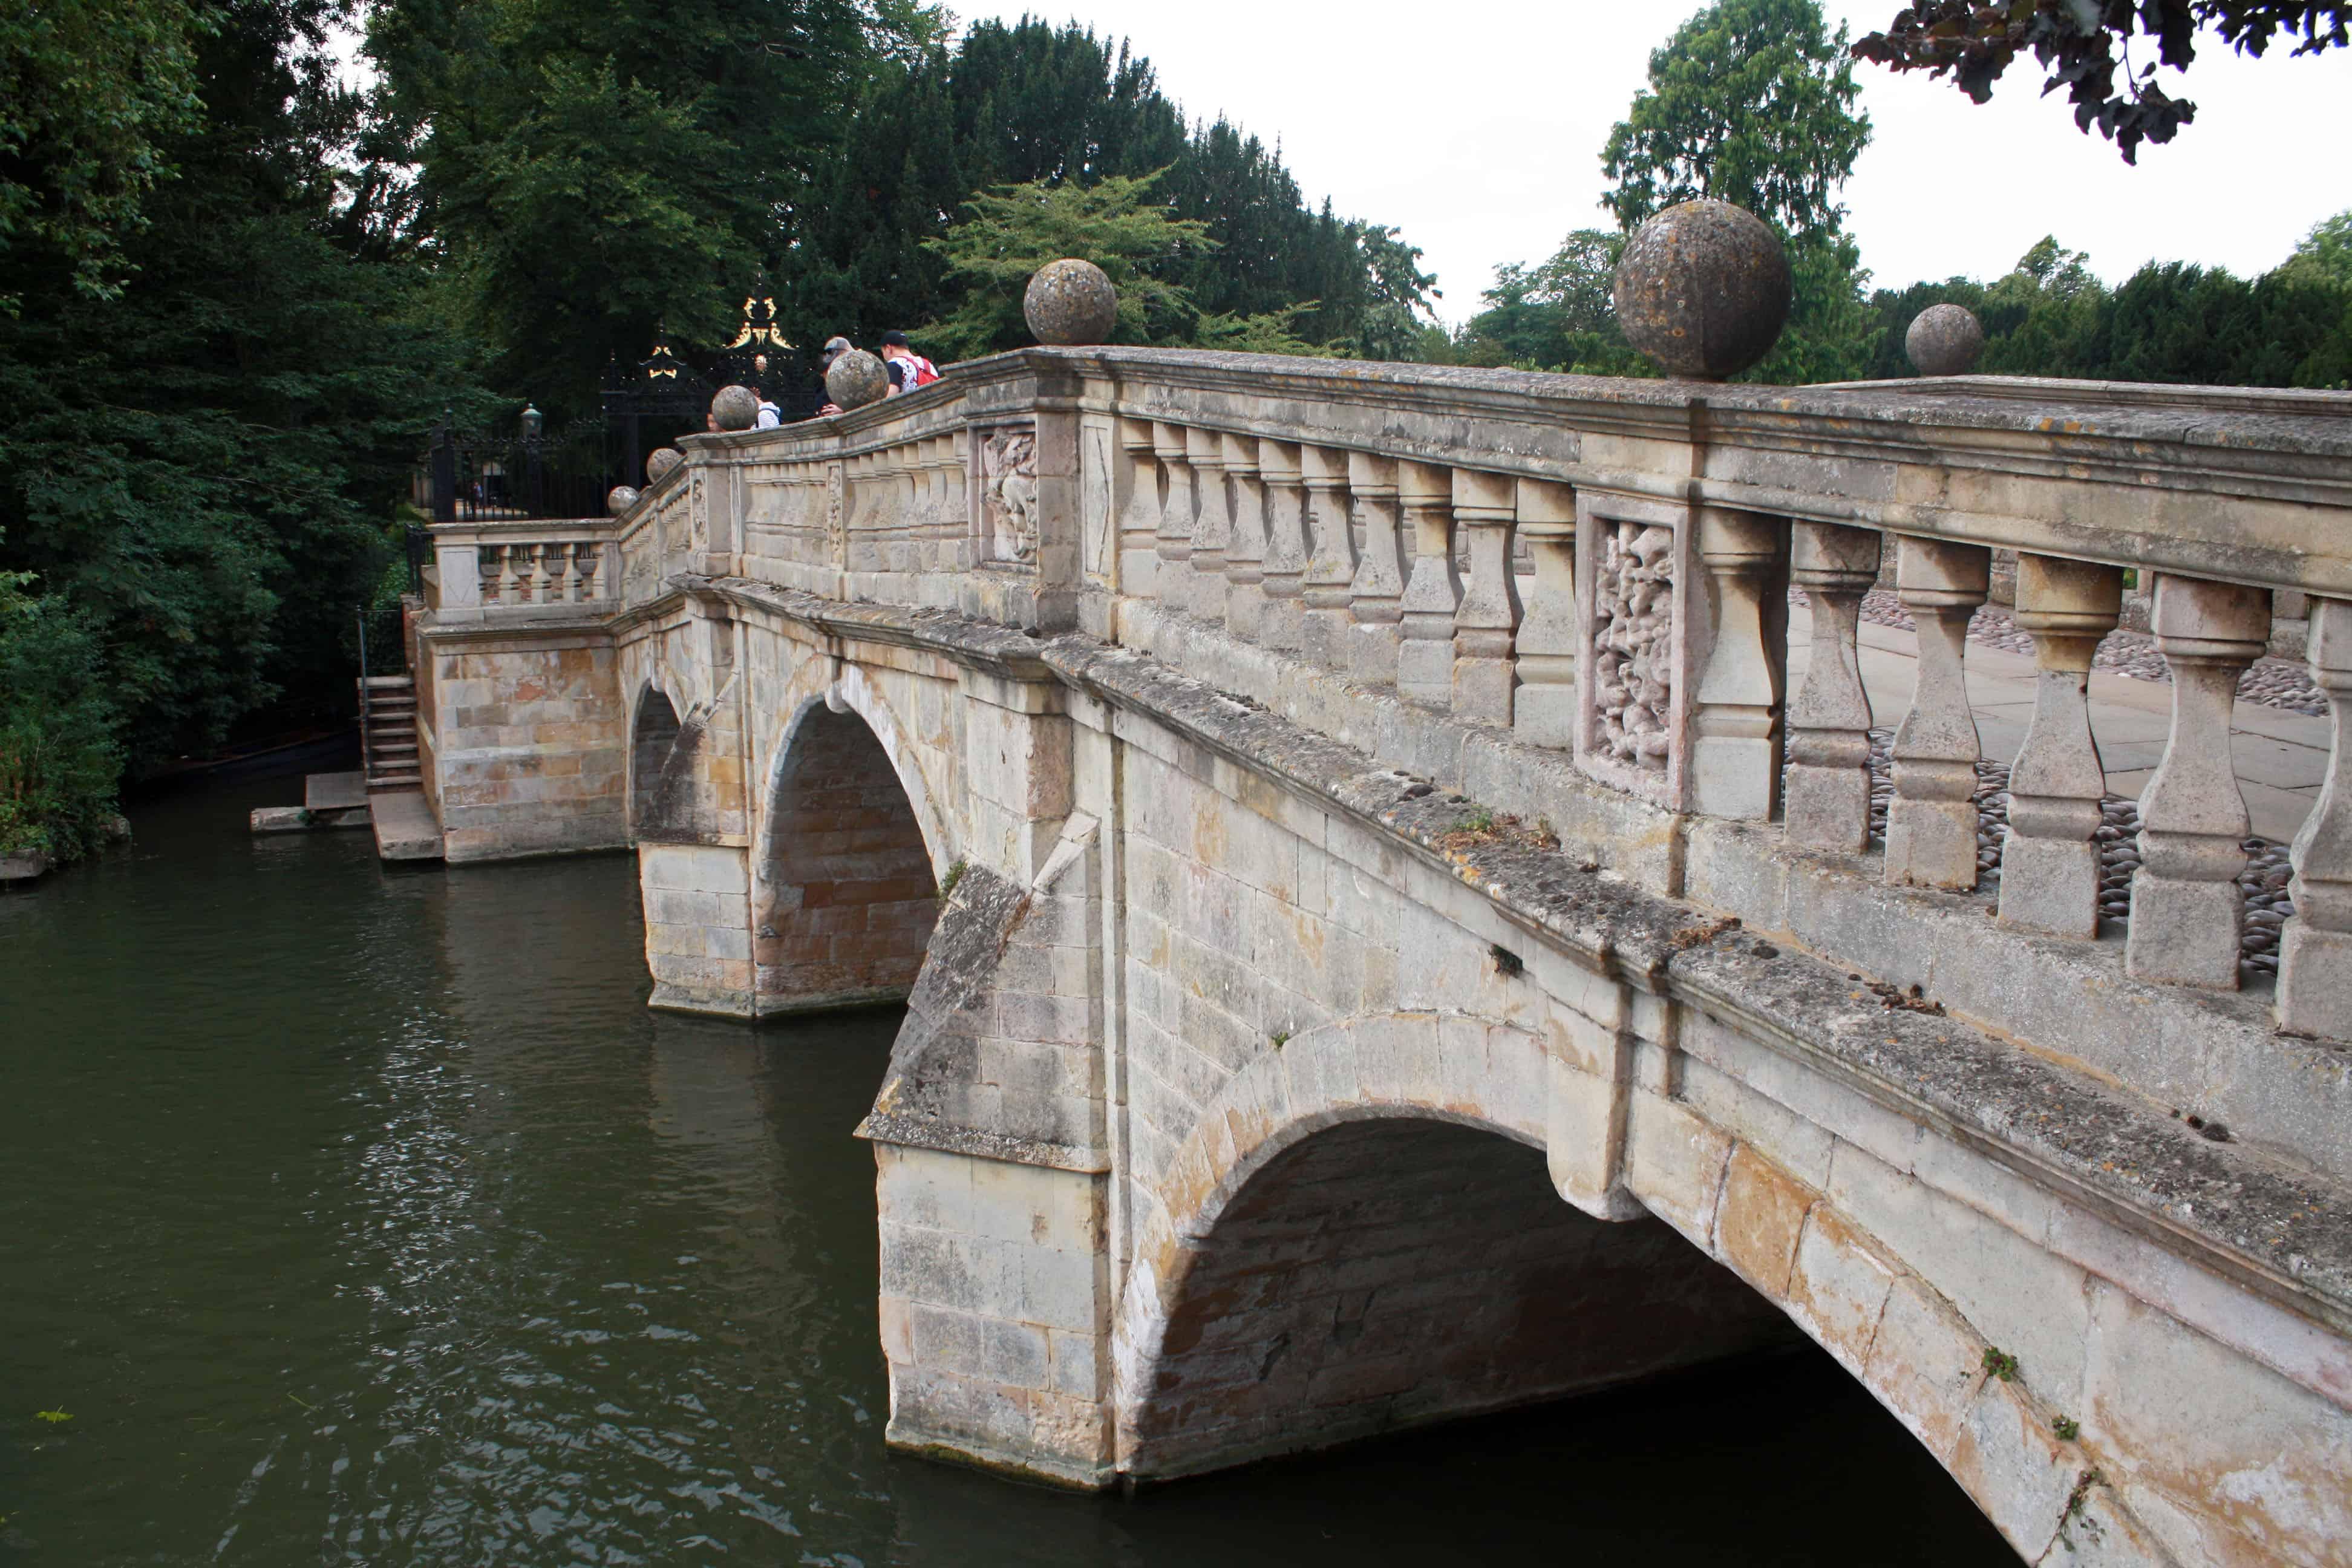 Clare bridge over the River Cam, Cambridge